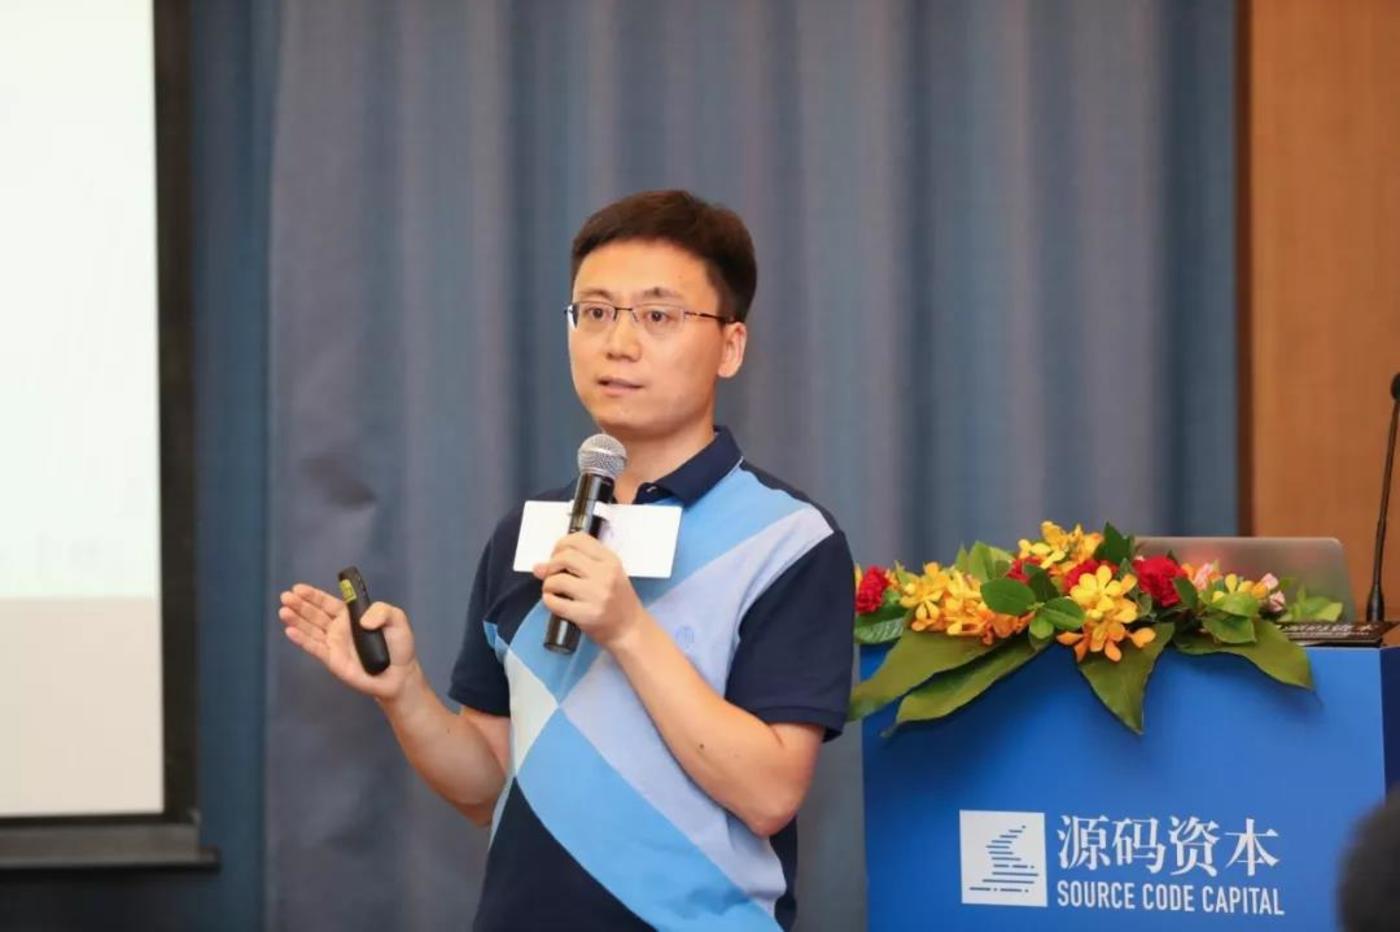 胡高崇 先生 北京市环球律师事务所常驻北京的合伙人律师 所在团队曾经为美团、今日头条及文思海辉等公司 提供ESOP相关的争议解决服务。